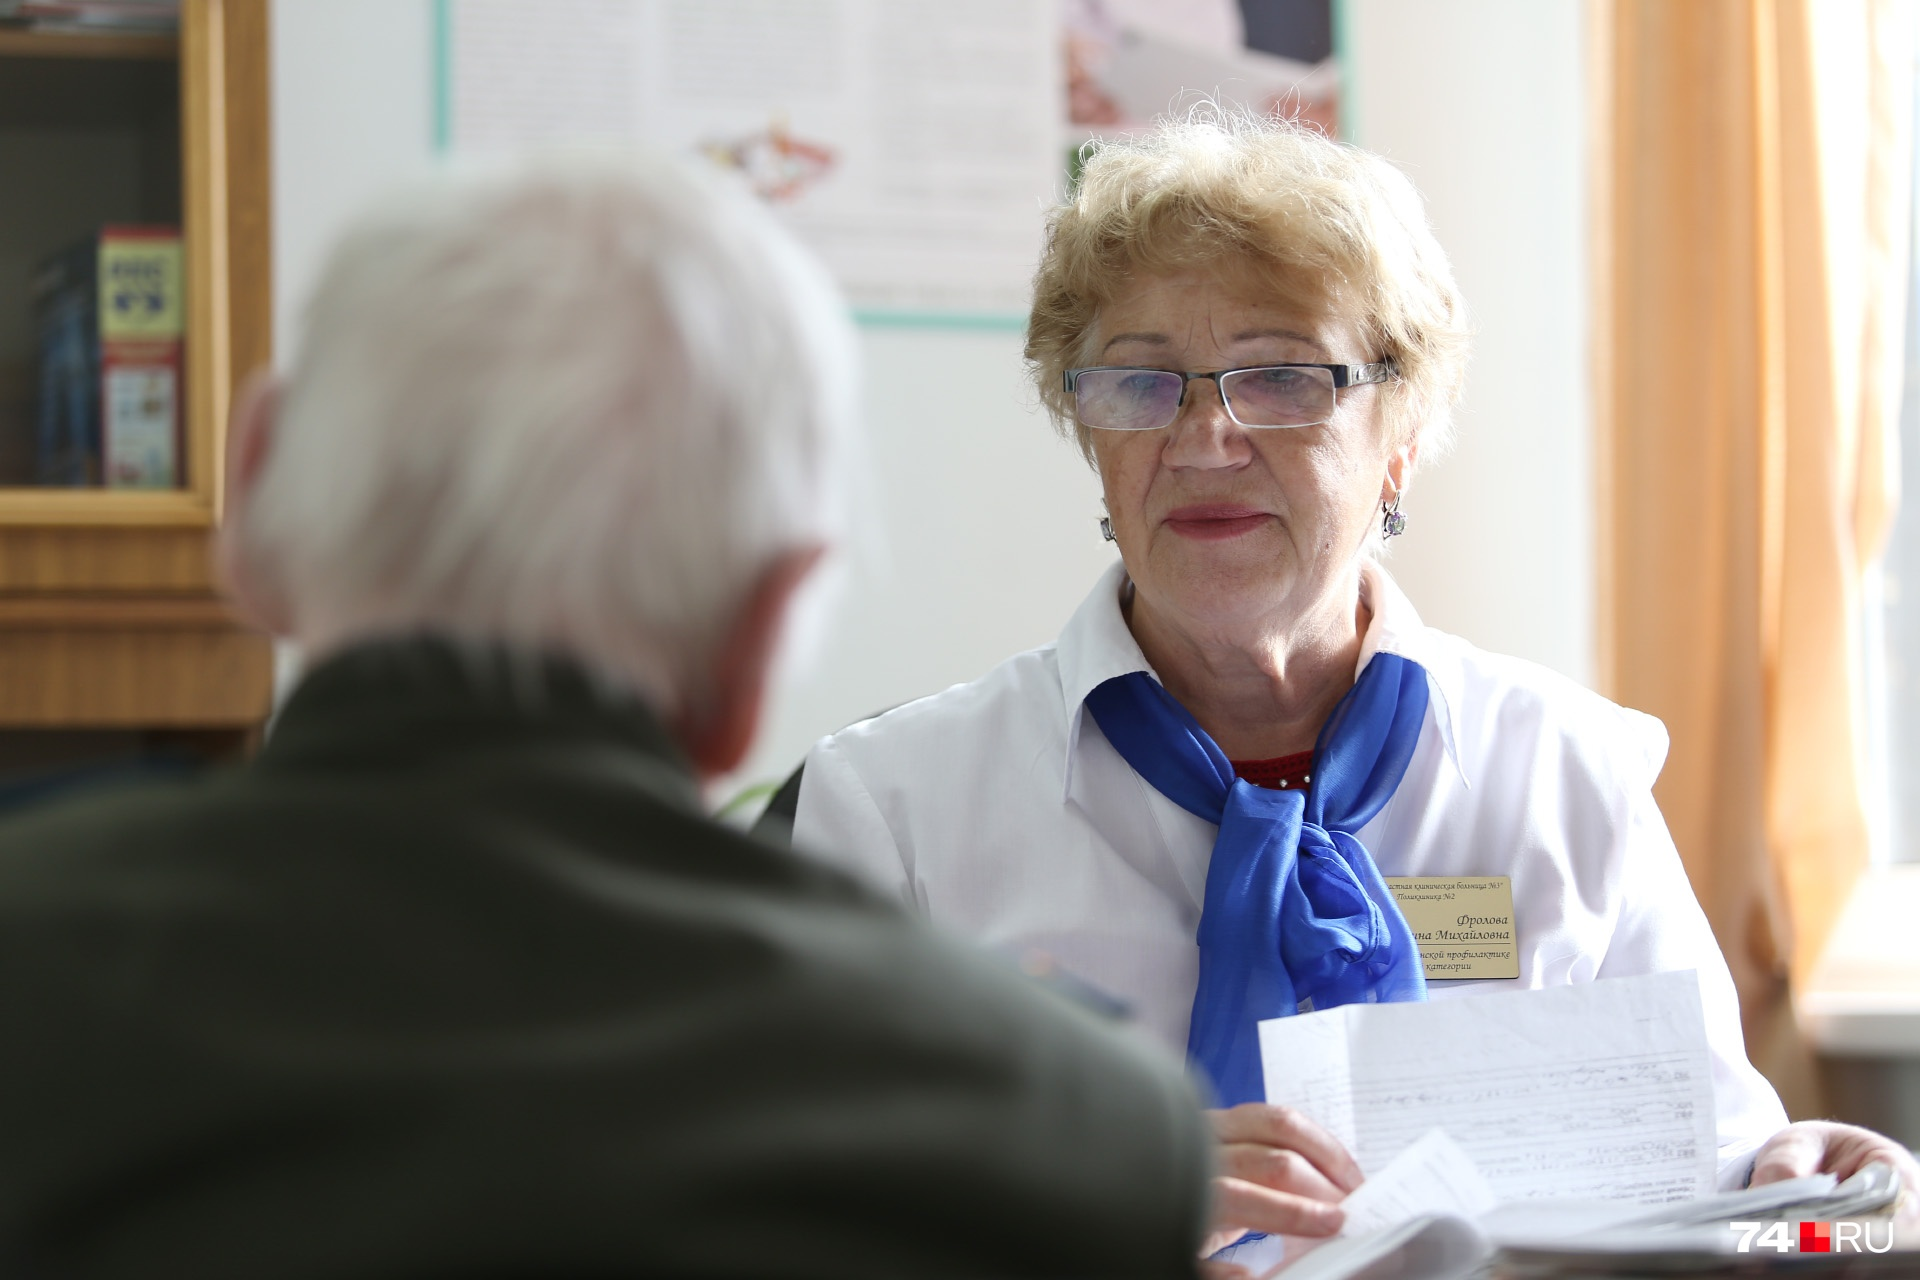 Специалист сможет больше времени уделить возрастному пациенту